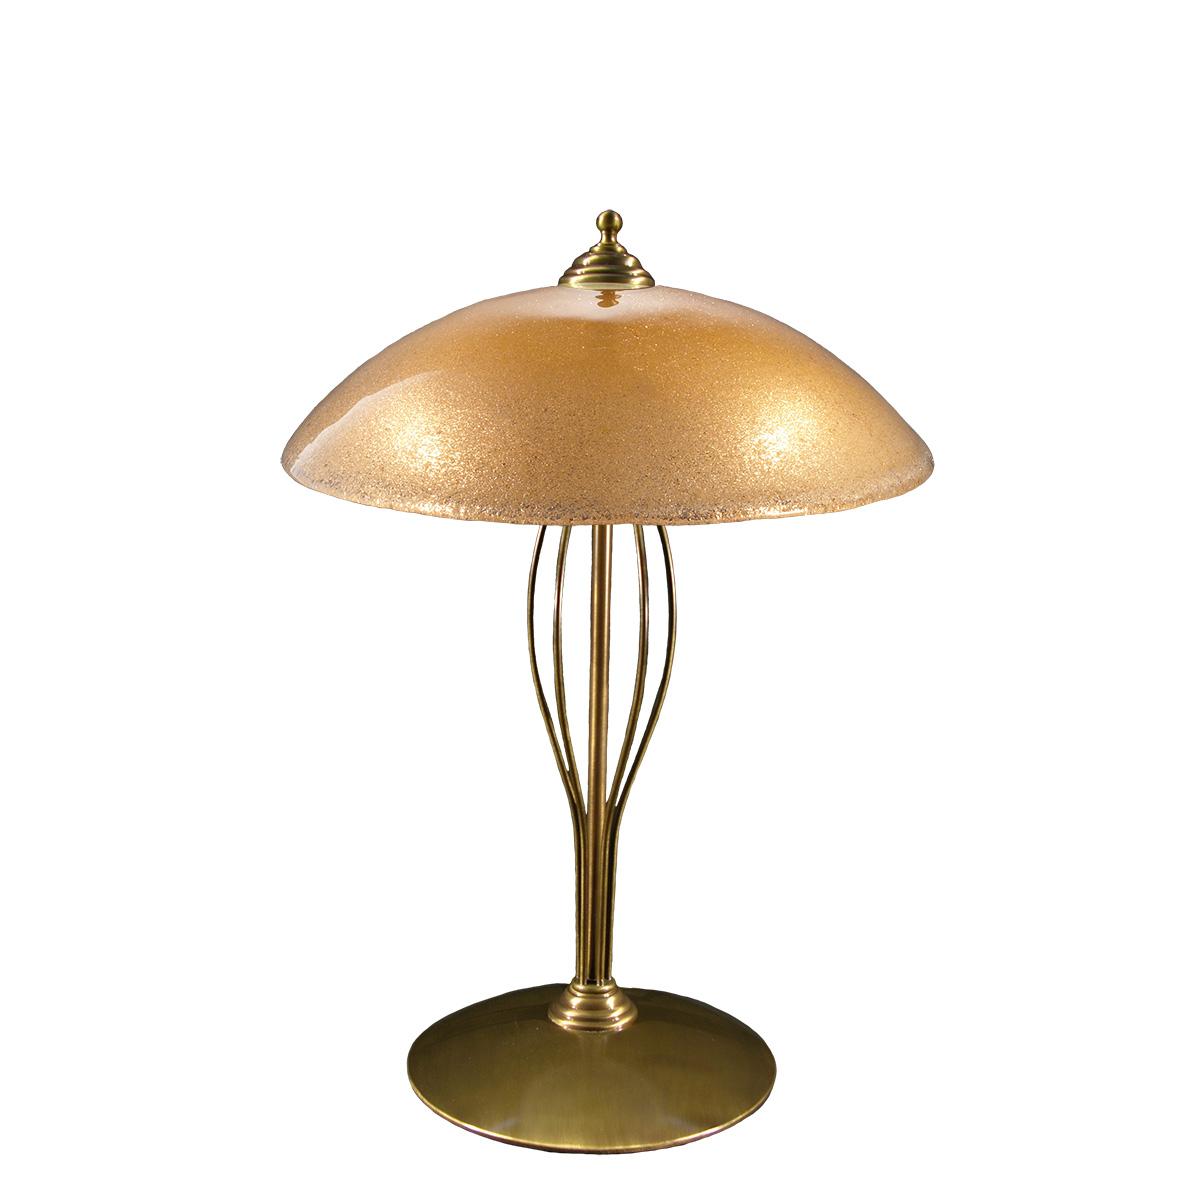 Επιτραπέζια λάμπα με κρύσταλλo Murano ΝΥΜΦΑΙΟ classic table lamp with Murano crystal